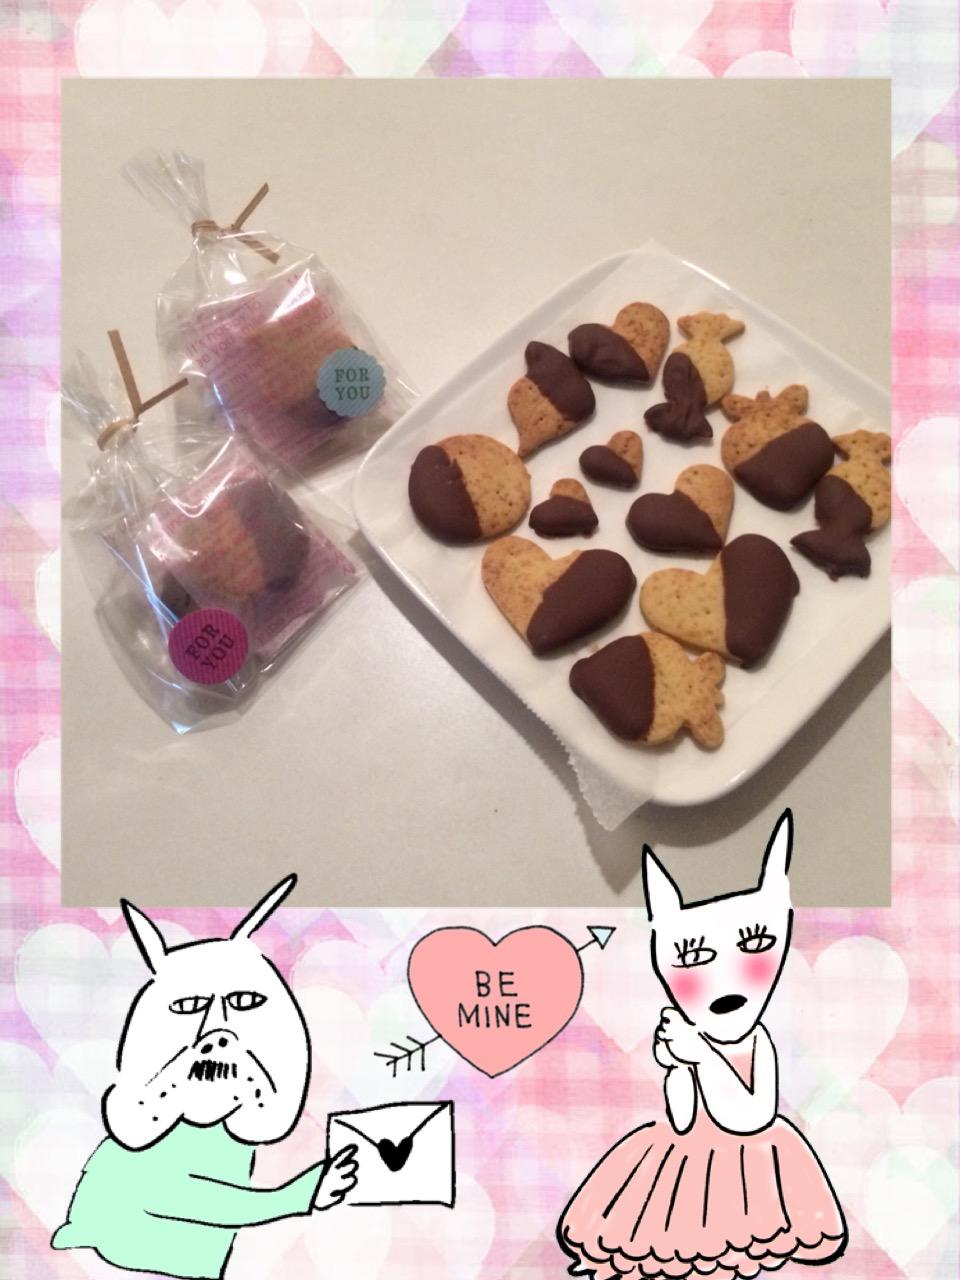 チョコレートでコーティングしたバレンタインクッキーご予約受付中!